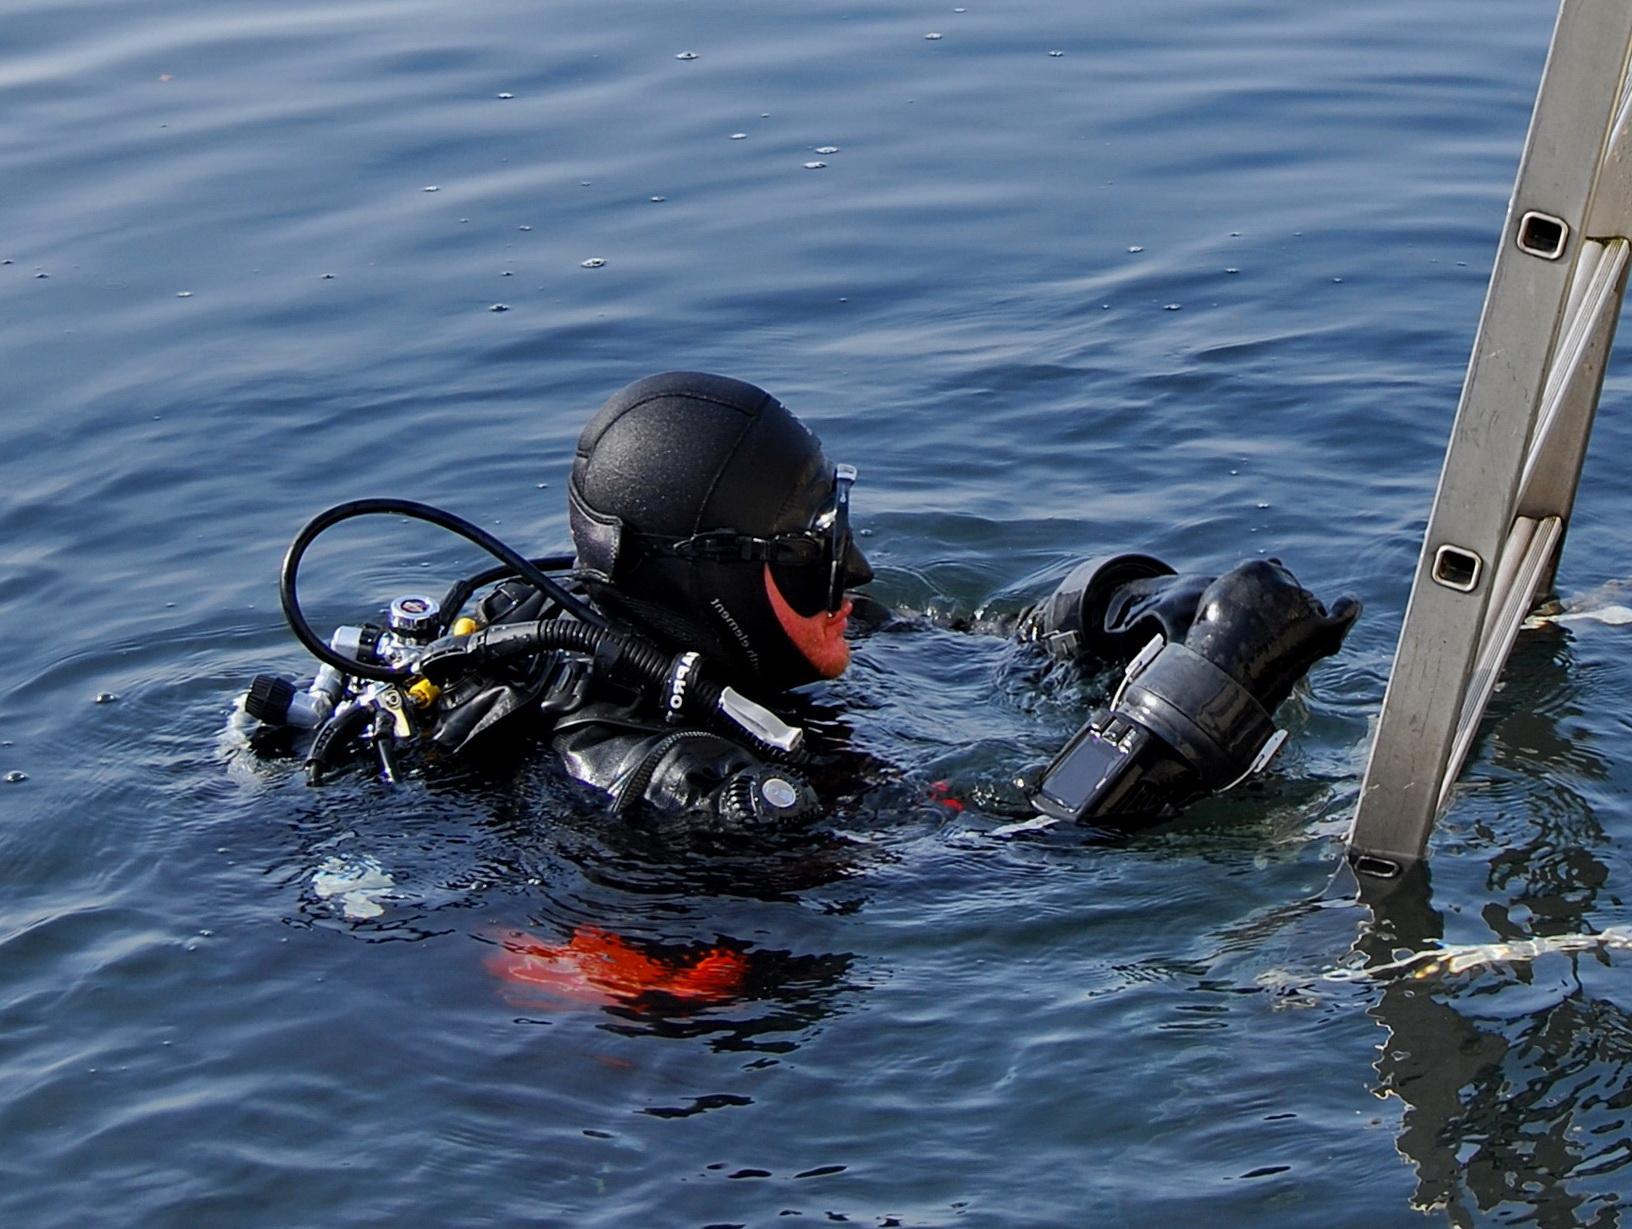 Taucher mit Trockentauchanzug beim Bootsausstieg